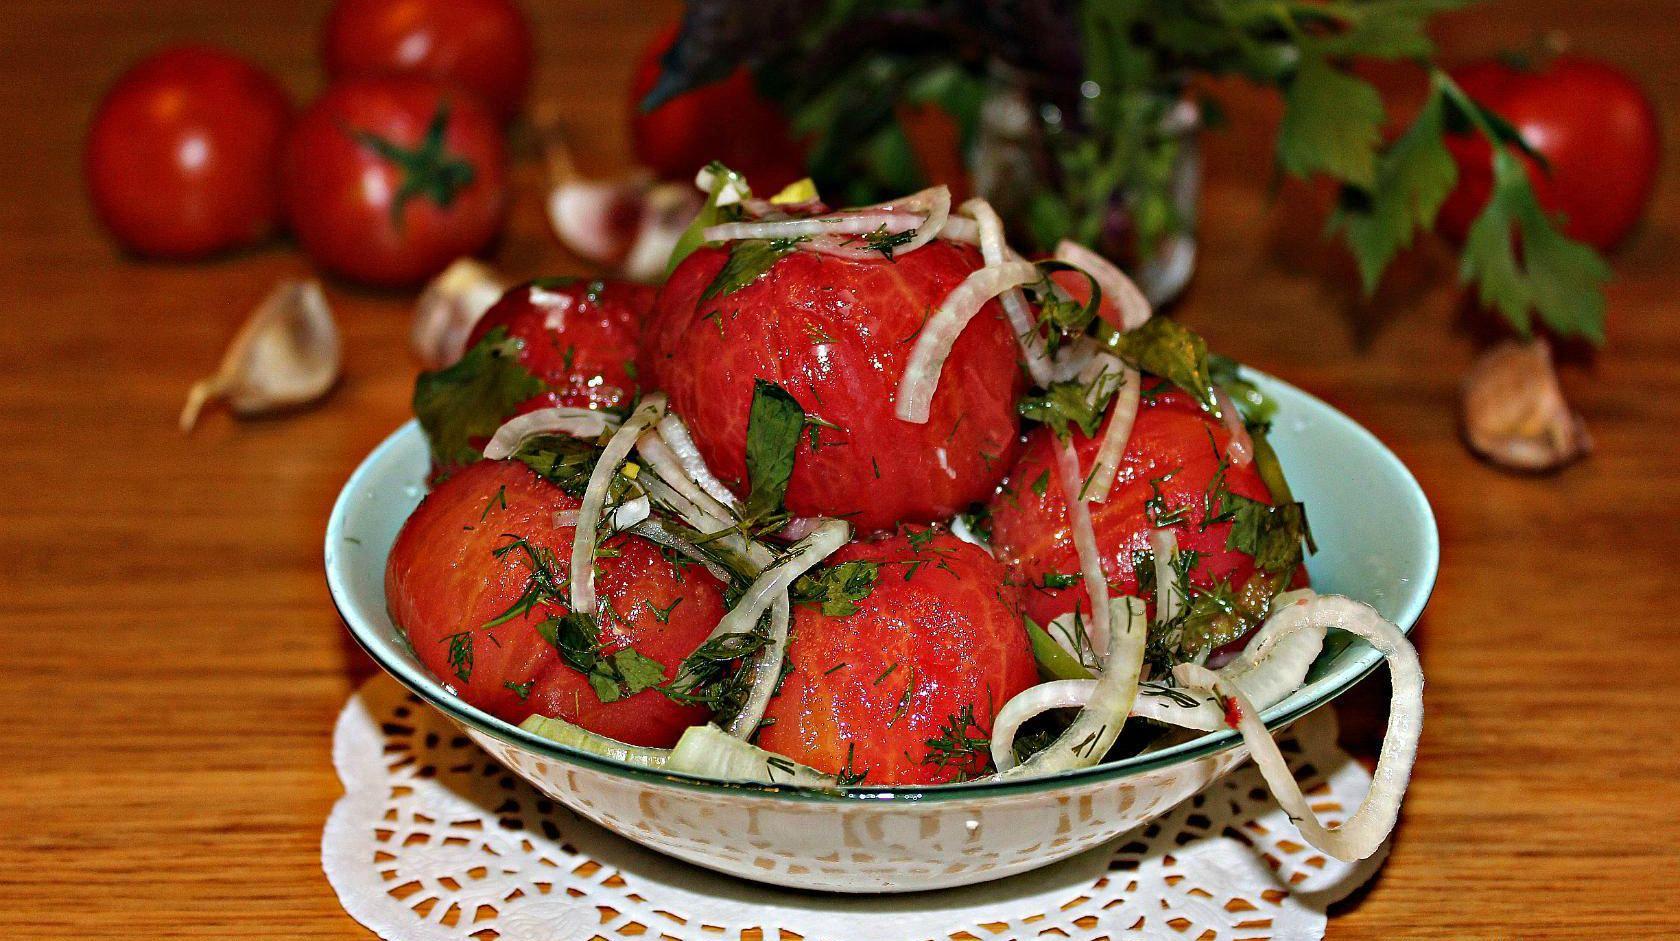 Салат с луком и яйцом - бюджетное вкусное блюдо: рецепт с фото и видео